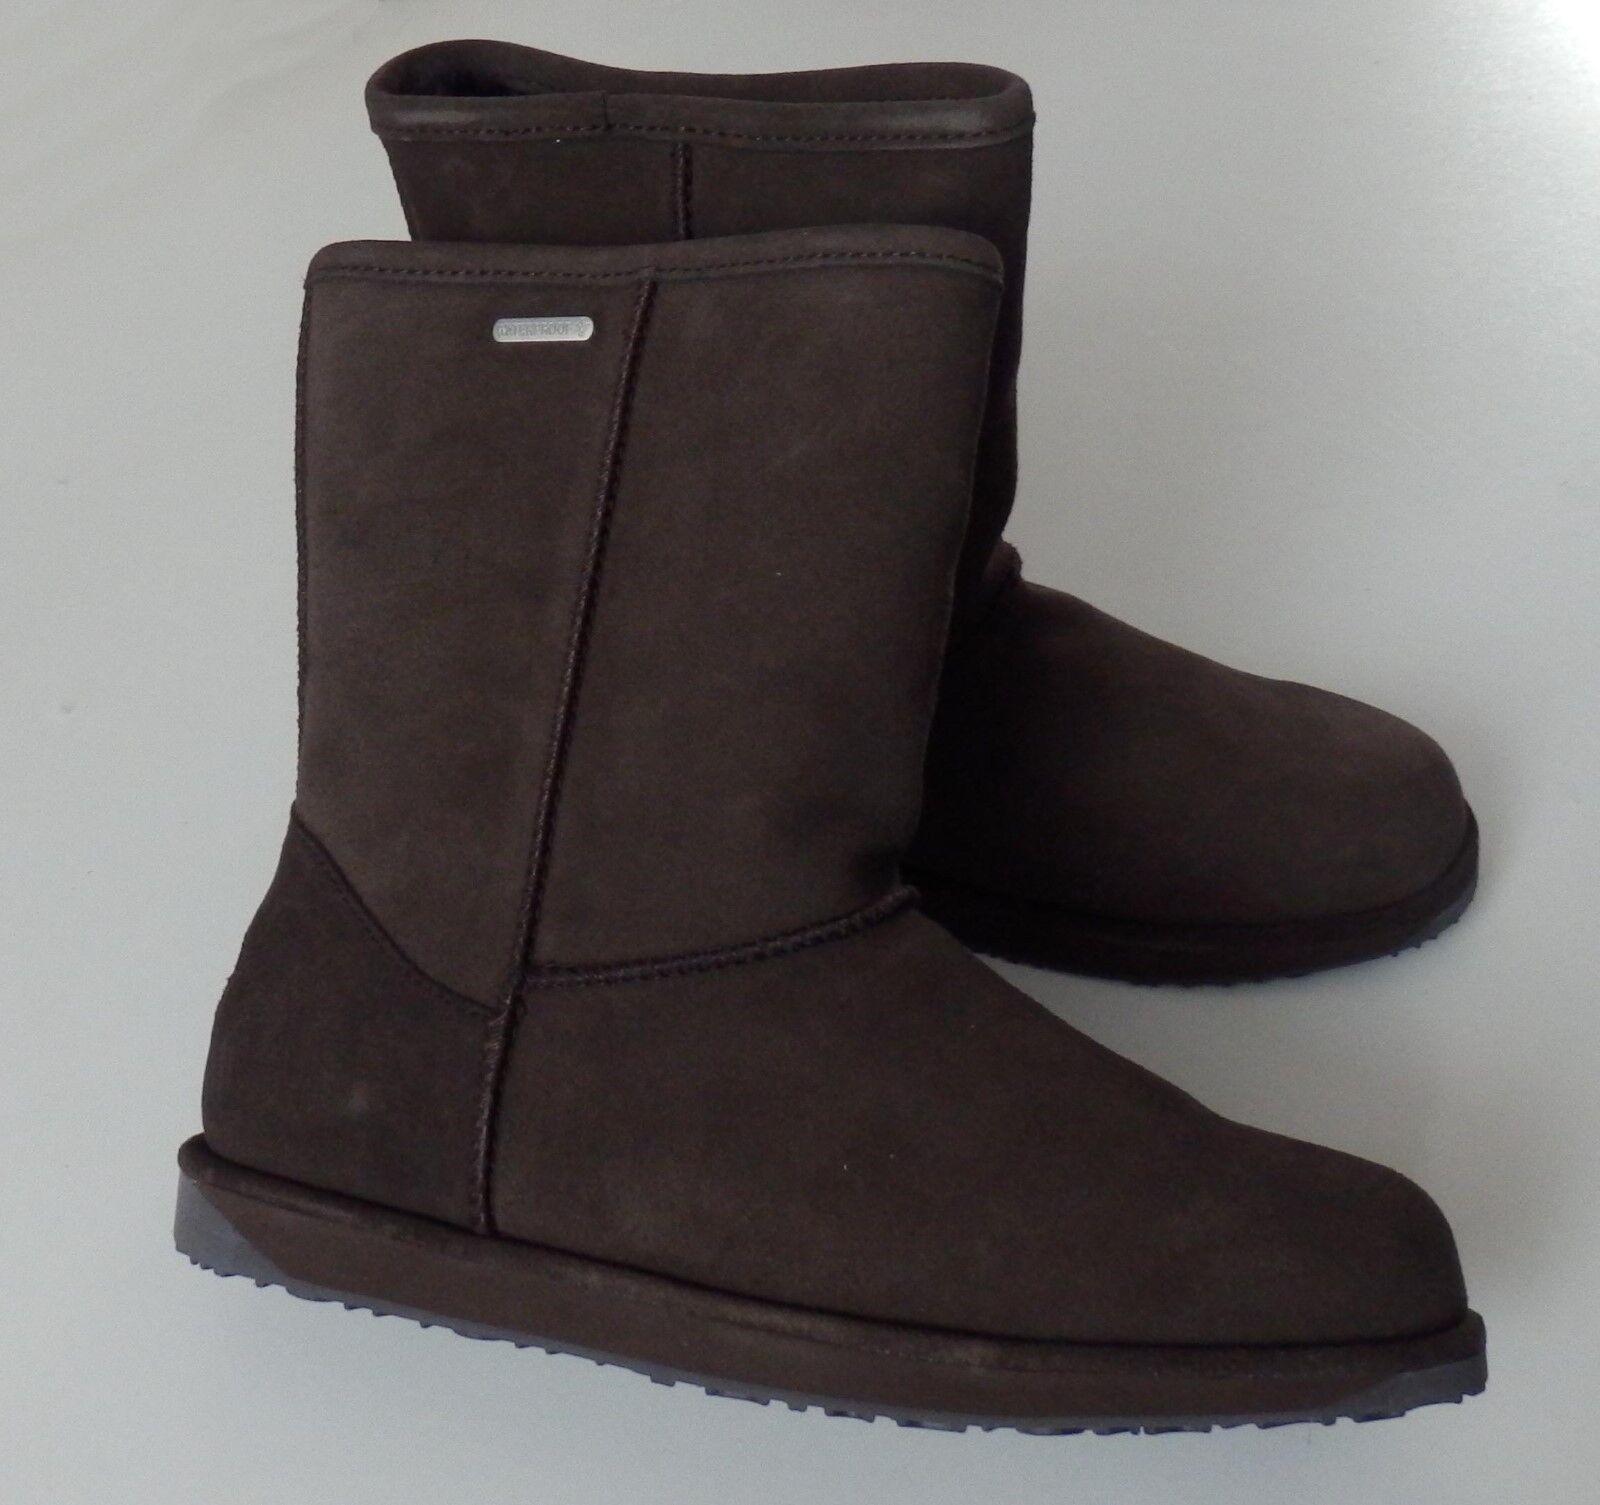 EMU Australia Australia Australia Paterson lo w10771 bota botas cordero waterproof talla 37 nuevo 9636ee